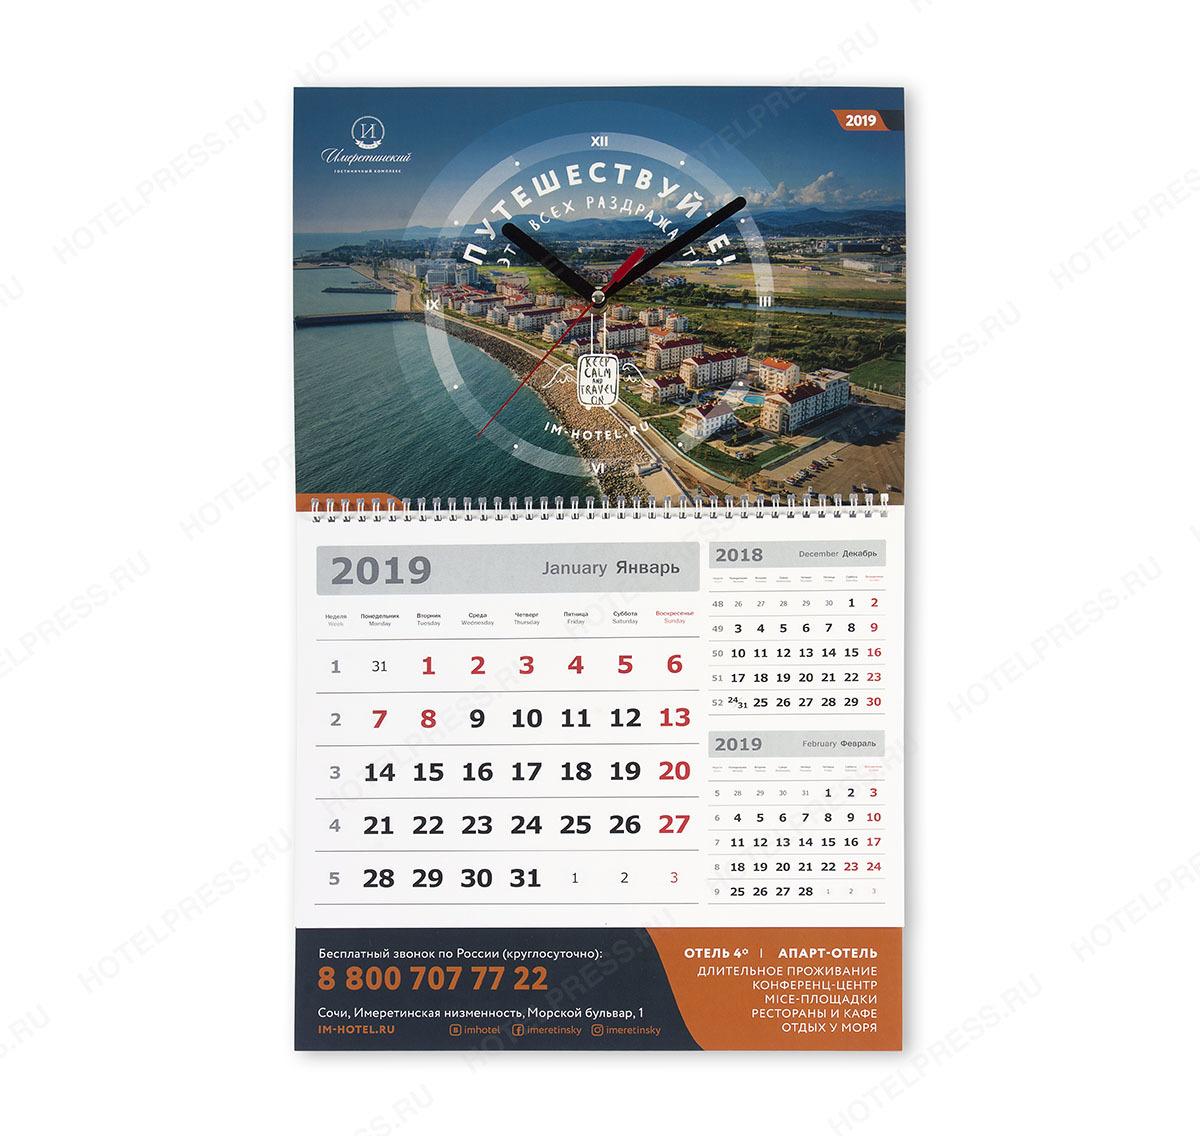 Календарь с часами. Гостиничный комплекс Имеретинский